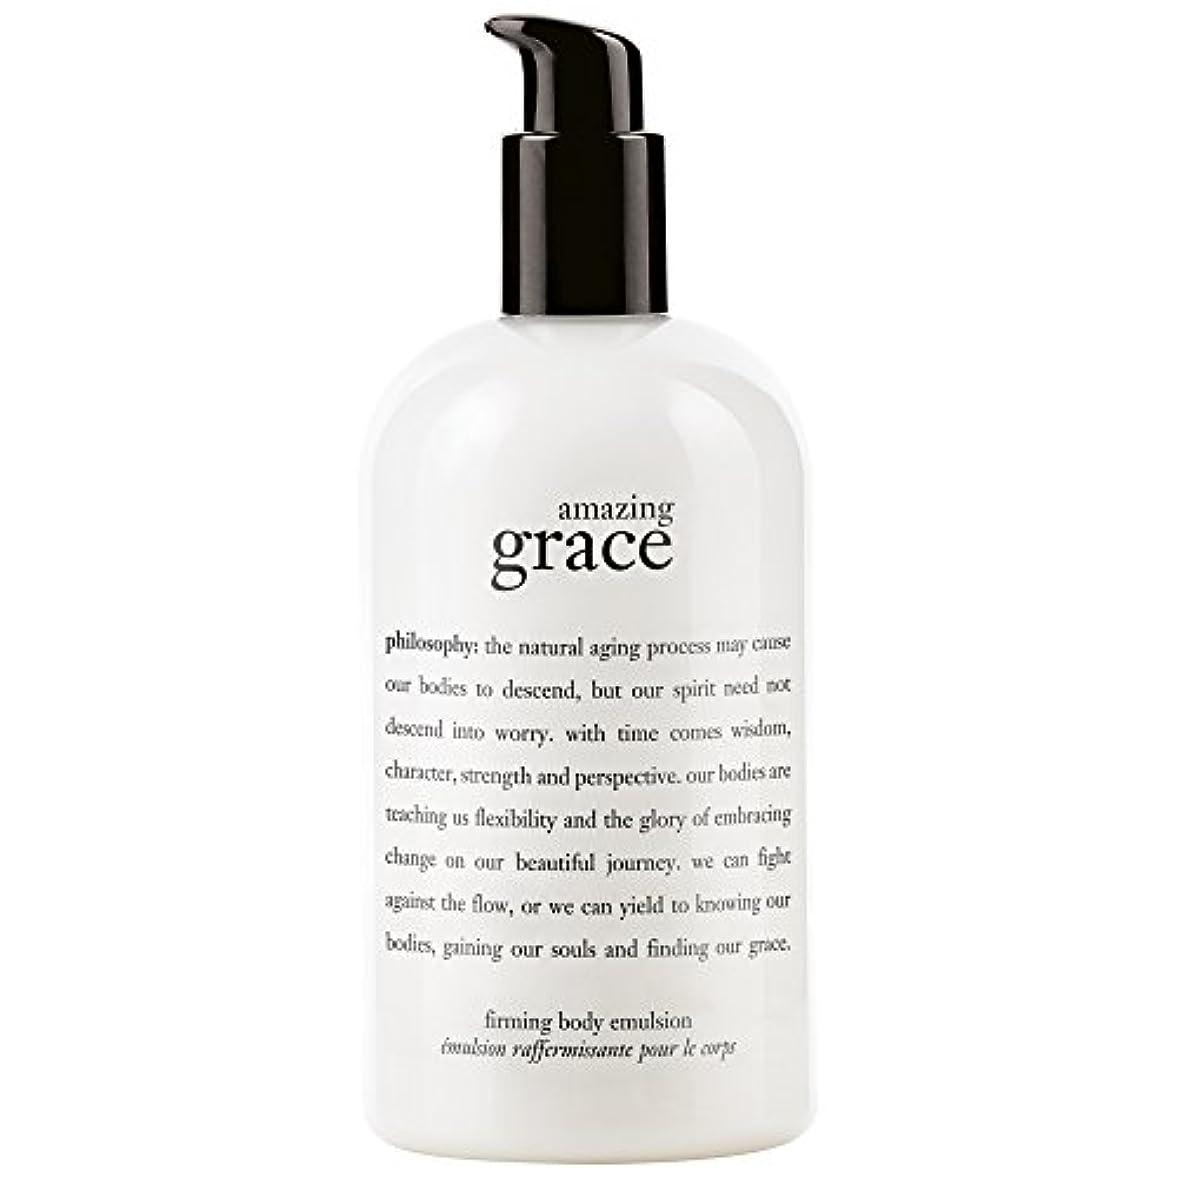 検出する誤解するリゾート哲学驚くべき恵み引き締めボディエマルジョン480ミリリットル (Philosophy) (x2) - Philosophy Amazing Grace Firming Body Emulsion 480ml (Pack...